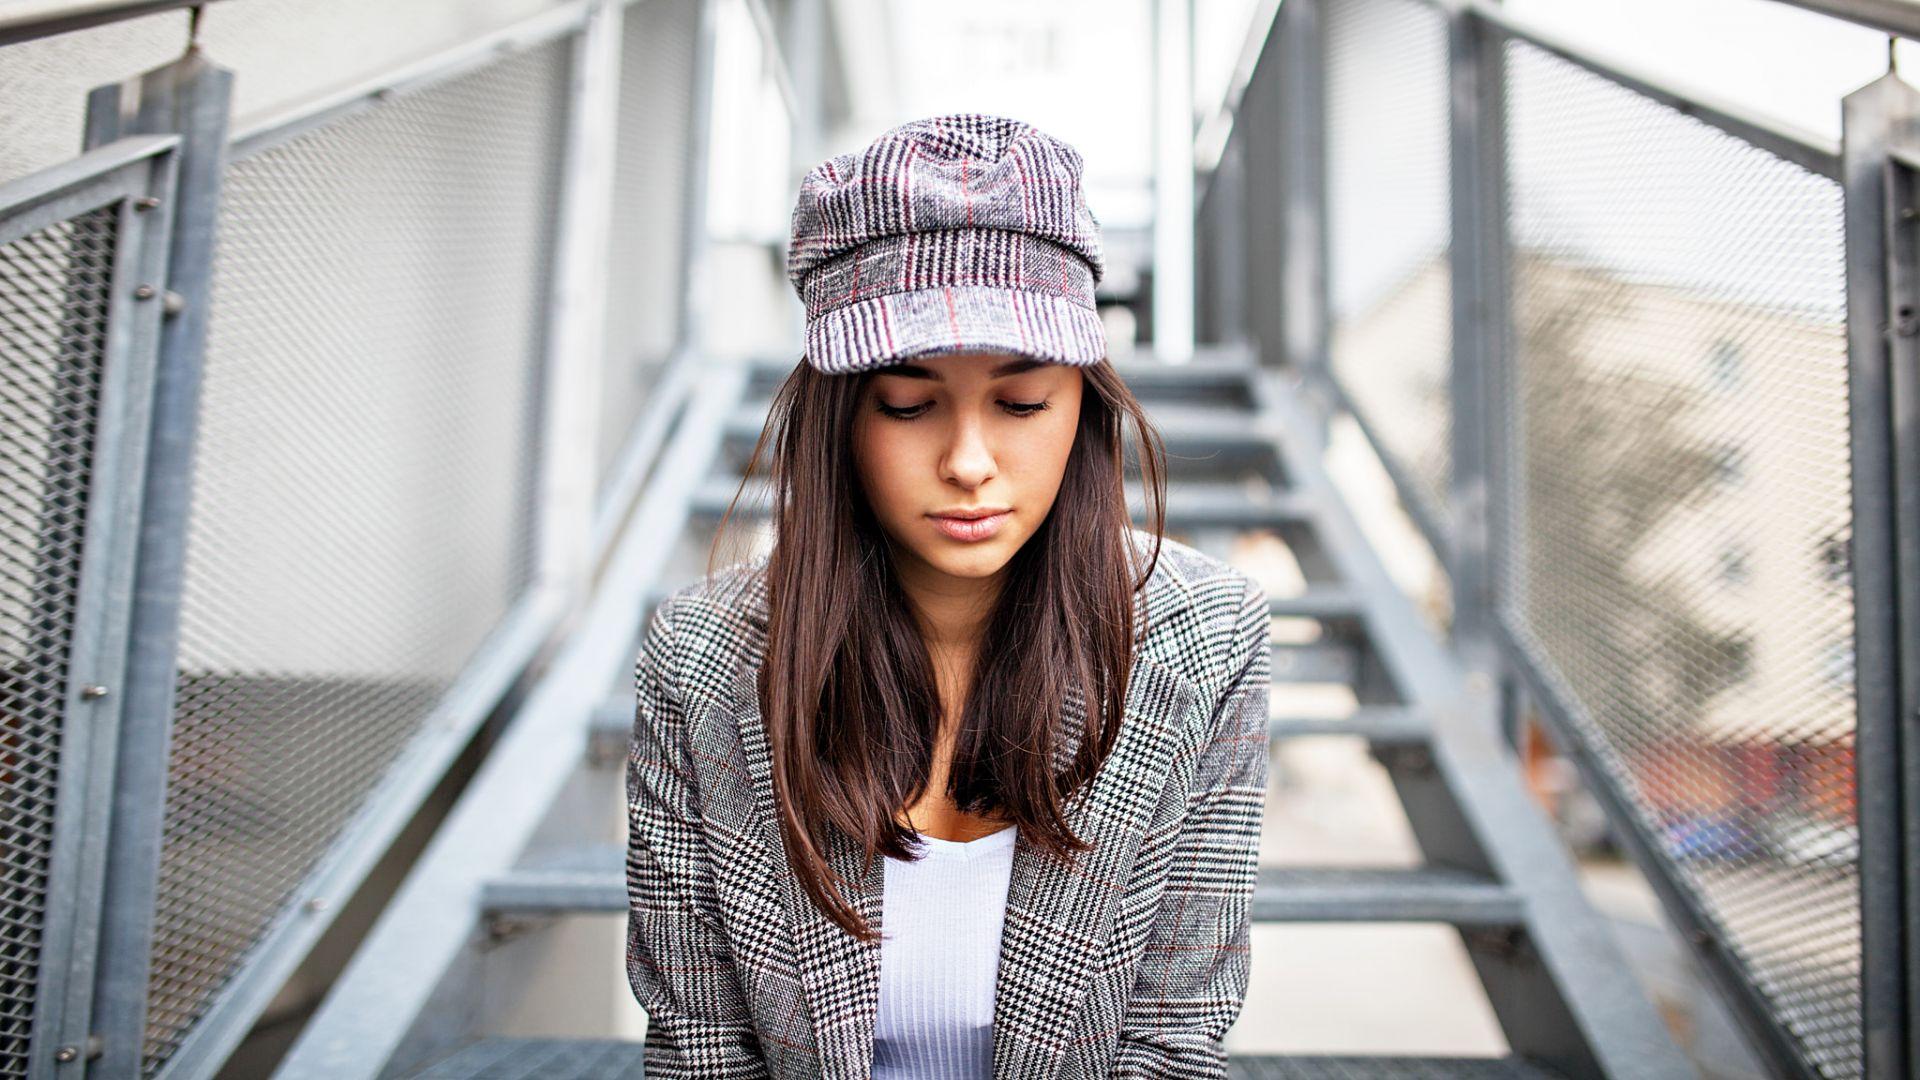 Sitting on stairs, girl model, brunette